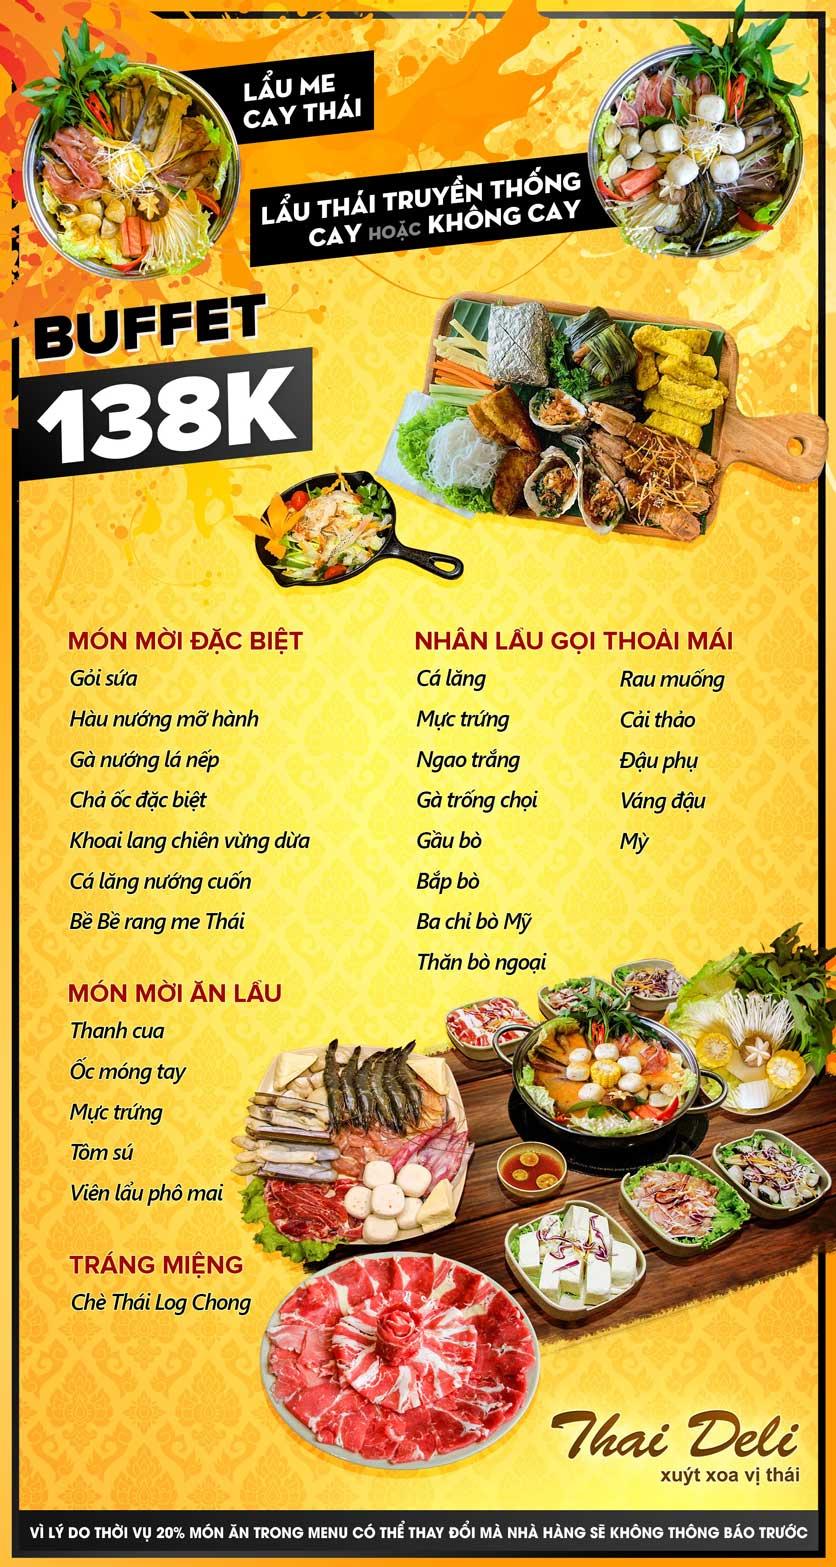 Menu Thai Deli - Buffet Lẩu Thái Hải Sản - Vũ Ngọc Phan 1